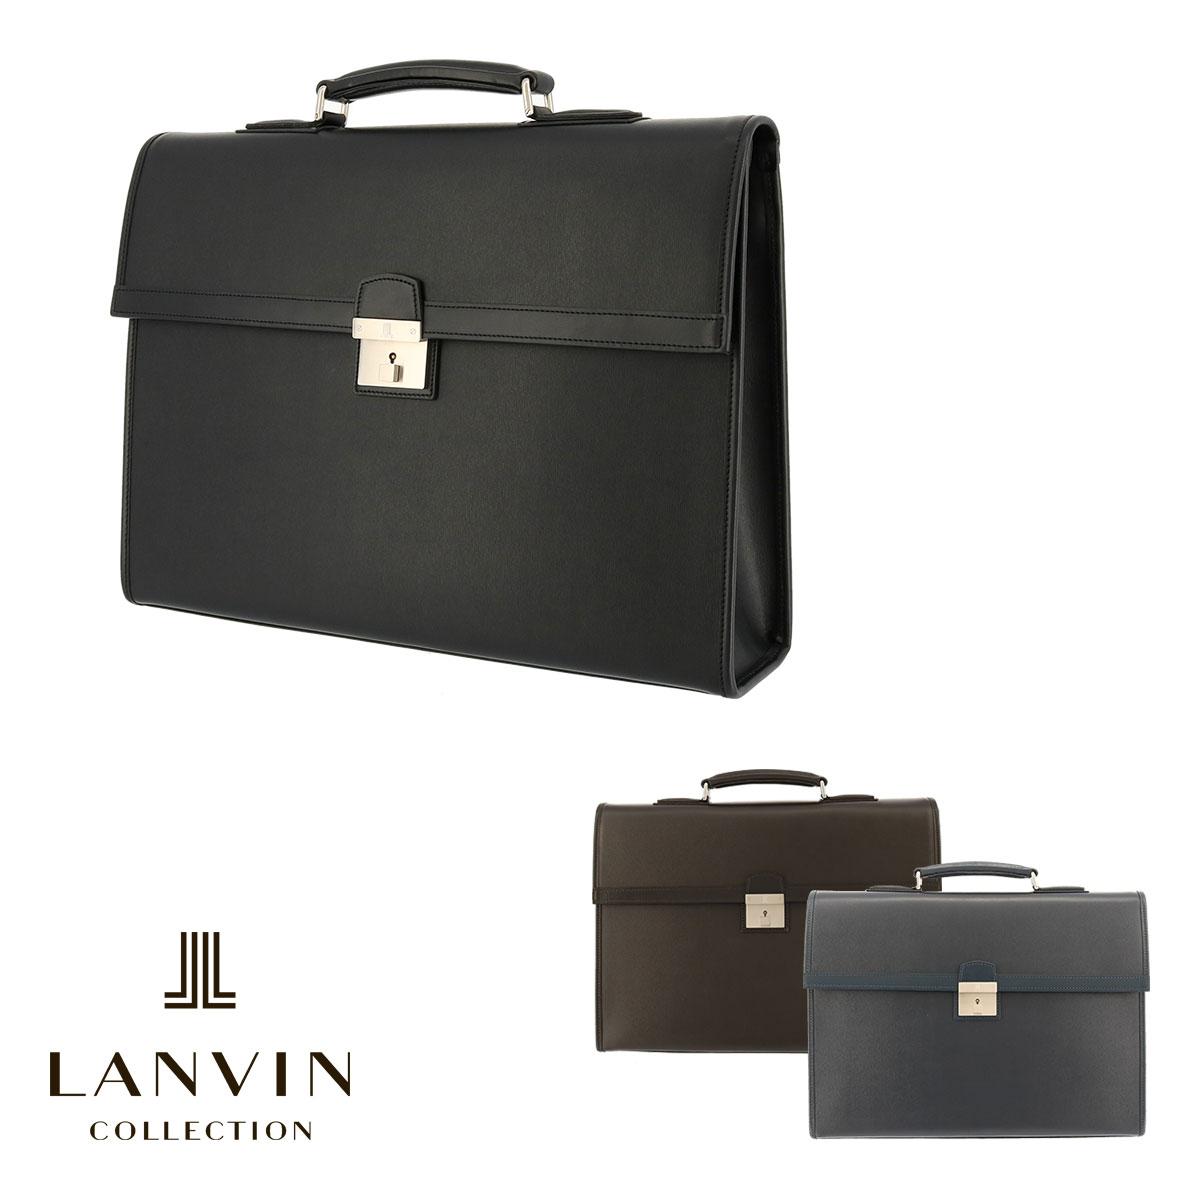 ランバンコレクション ブリーフケース A4 鍵付 メンズ 日本製 フロー 282553 LANVIN COLLECTION ビジネスバッグ 出張 牛革 本革 レザー